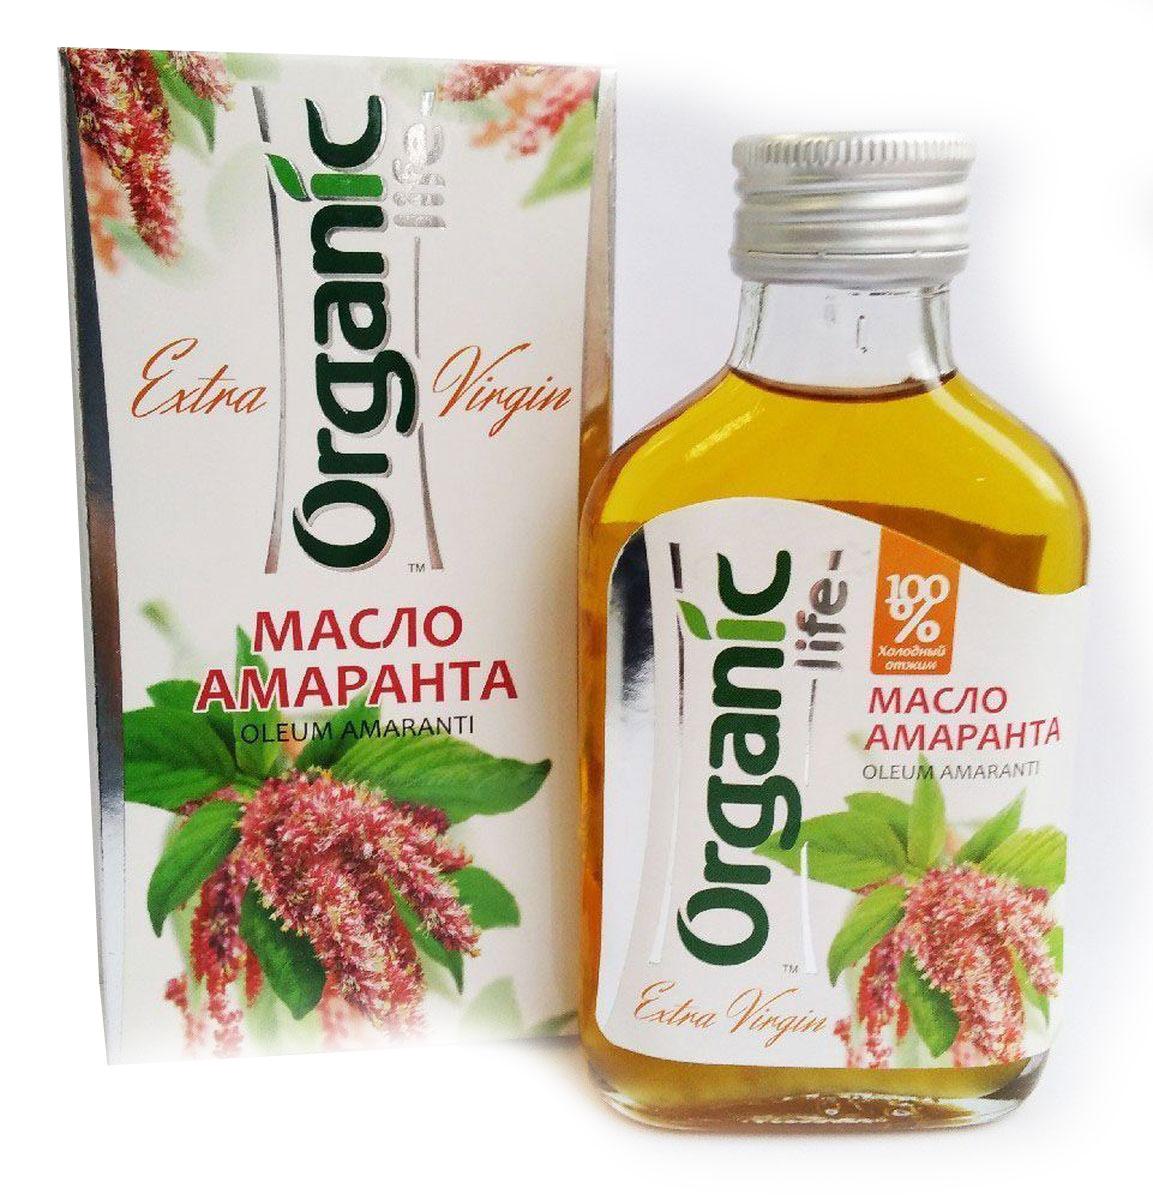 Organic Life масло амарантовое, 100 мл212033Особая ценность амарантового масла - в содержании биологически активного соединения сквалена. Сквален является универсальным защитником клеток от повреждающих факторов. Он оказывает мощное антиоксидантное, иммуномодулирующее и противоопухолевое действие. Регулярное употребление в пищу амарантового масла:замедляет процессы старения клеток;улучшает обмен веществ;нормализует работу иммунной и эндокринной систем.Такие свойства амарантового масла были подтверждены в ходе исследовательских испытаний в ведущих учреждениях России: Воронежская государственная медицинская академия им. Н.Н.Бурденко, Институт хирургии им. А.В.Вишневского РАМН (г. Москва), НИИ онкологии им. проф. Н.Н.Петрова (г. Санкт-Петербург). Способ применения: по 1 ч.л. 2-3 раза в день.